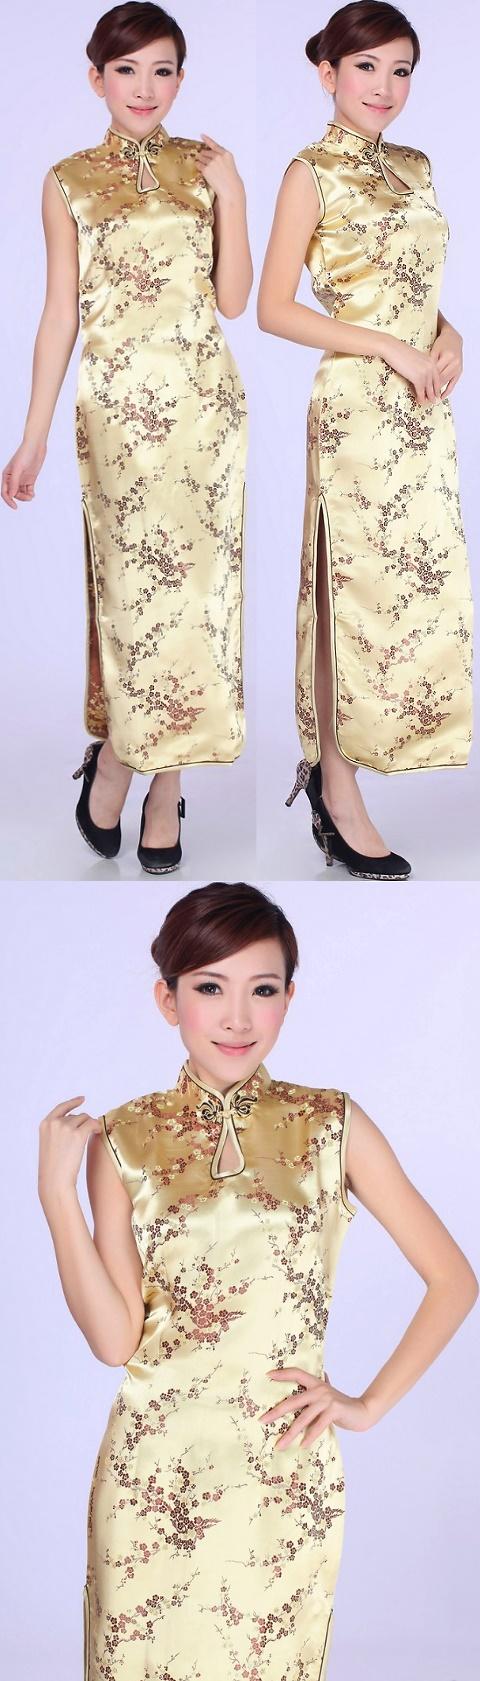 無袖長身織錦緞旗袍 (成衣)